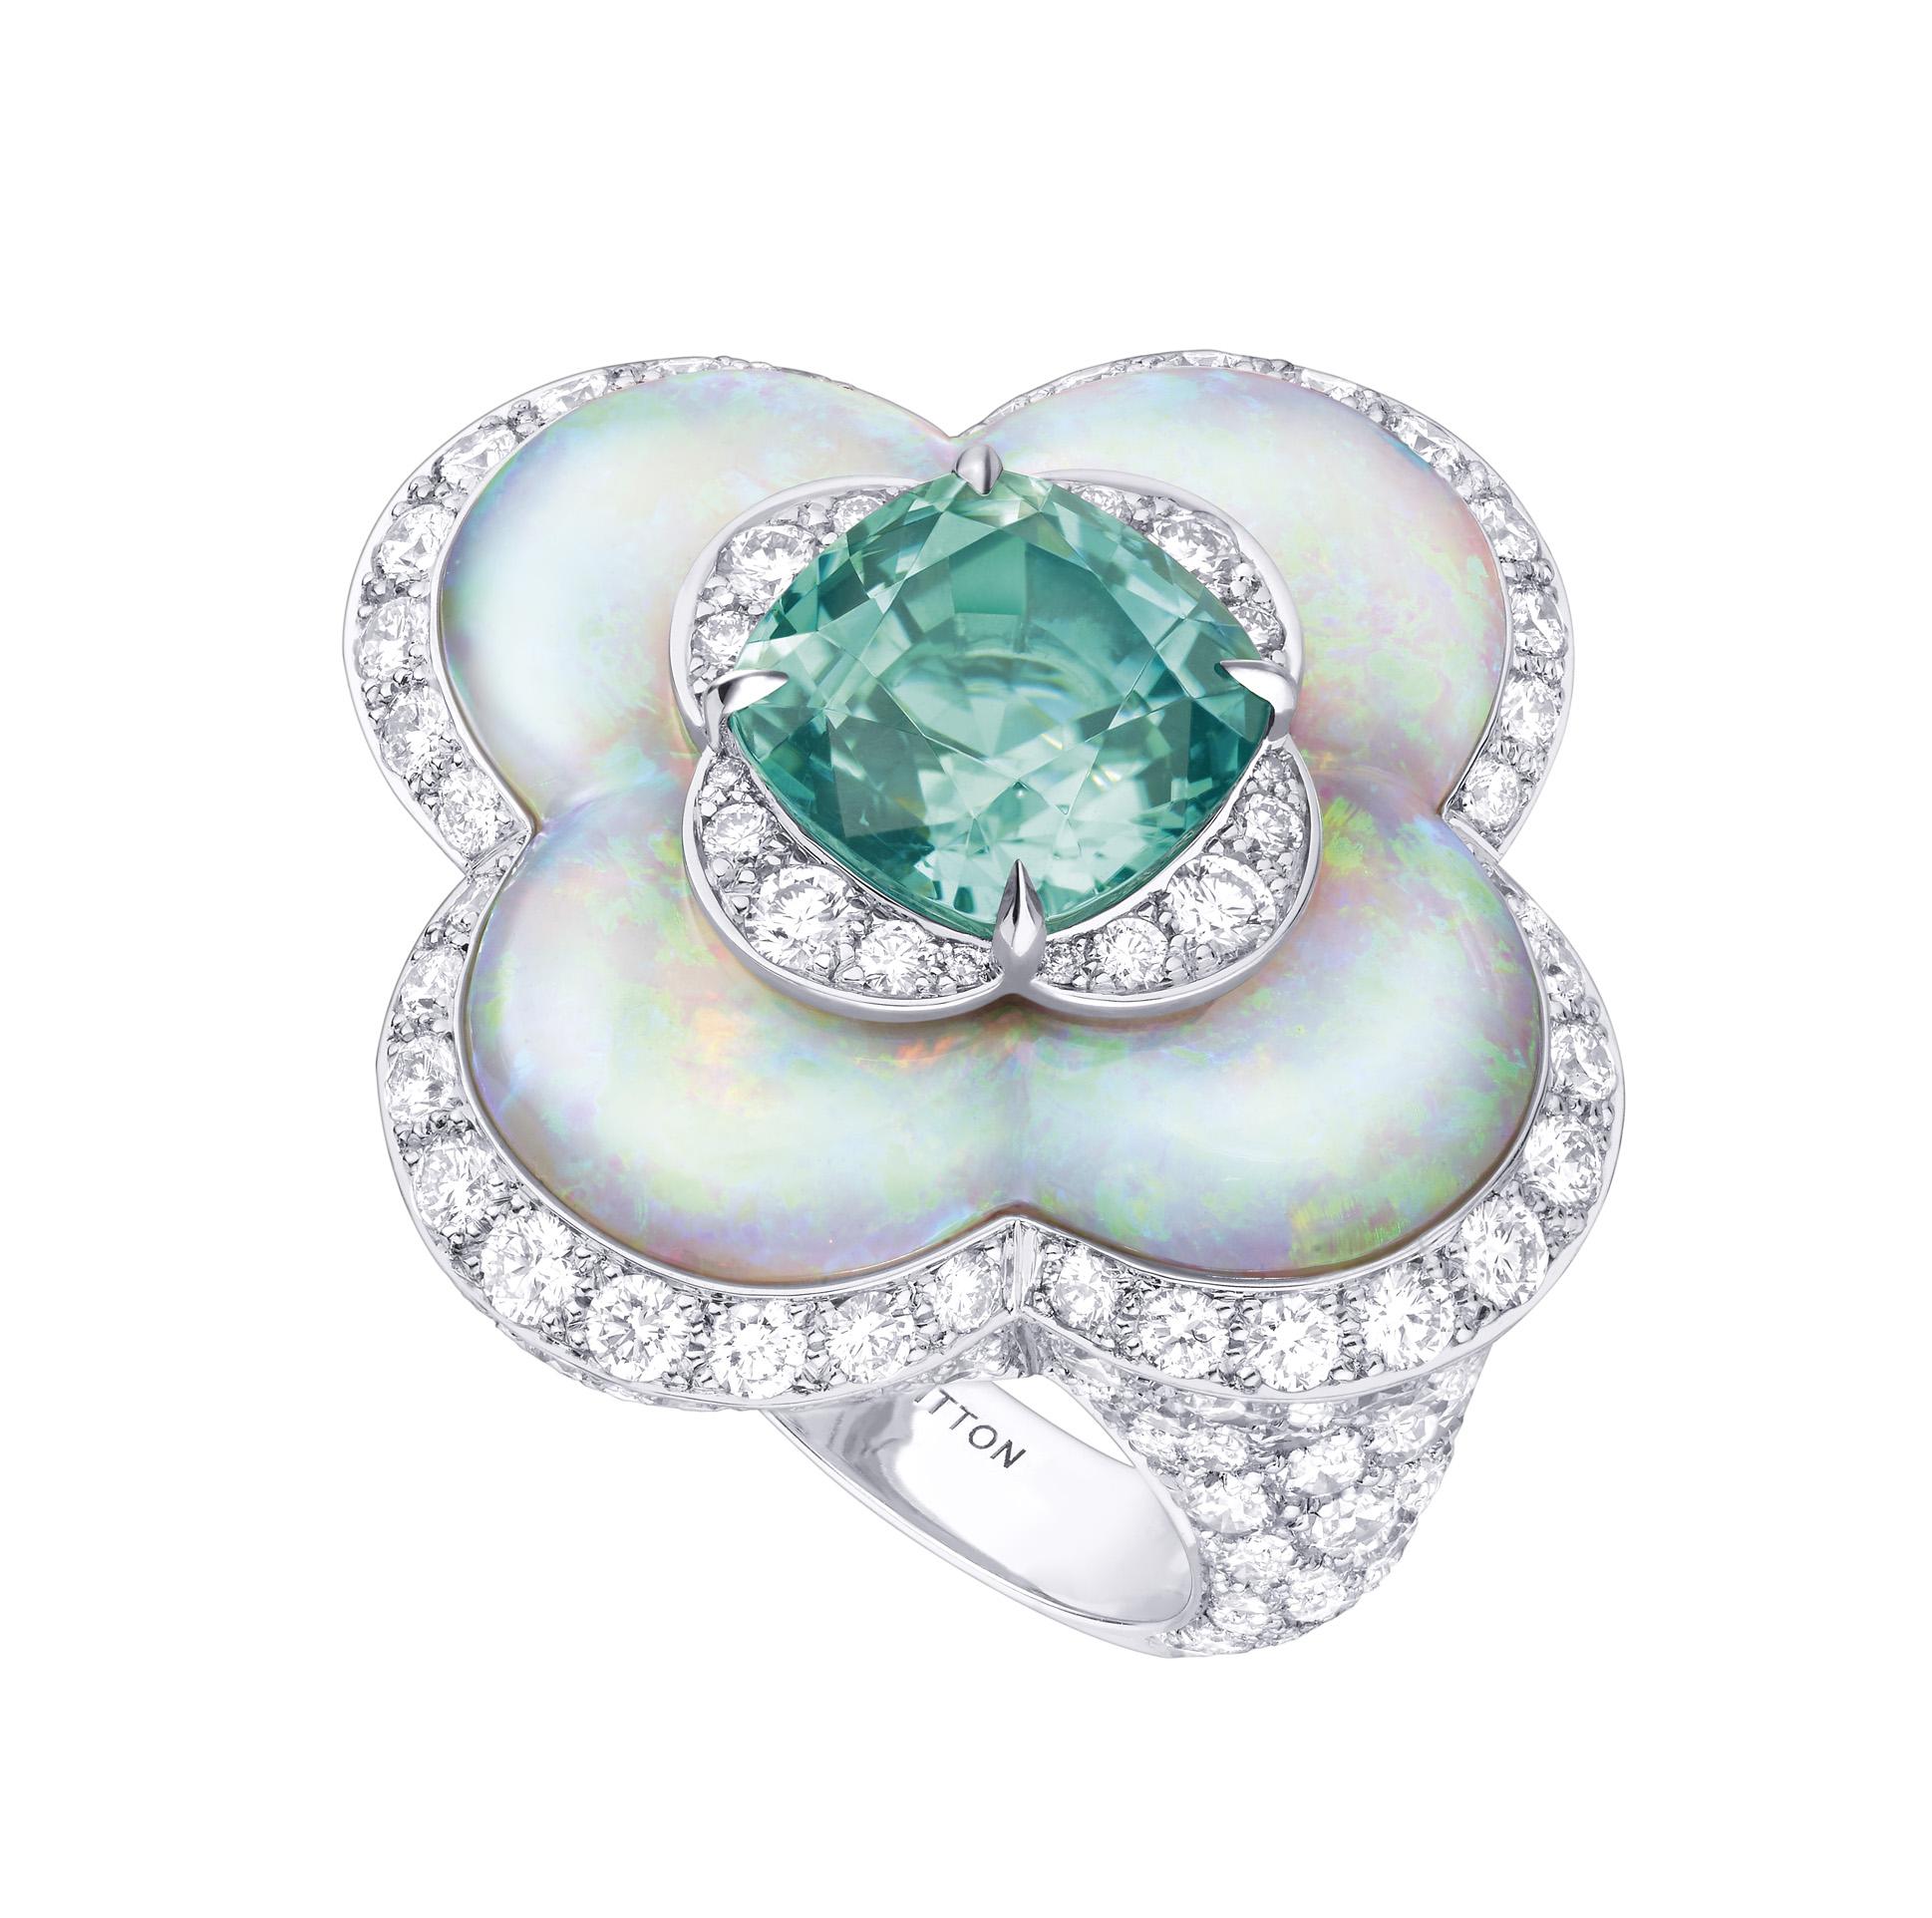 LV - Blossom - Tourmaline & Opal - 1